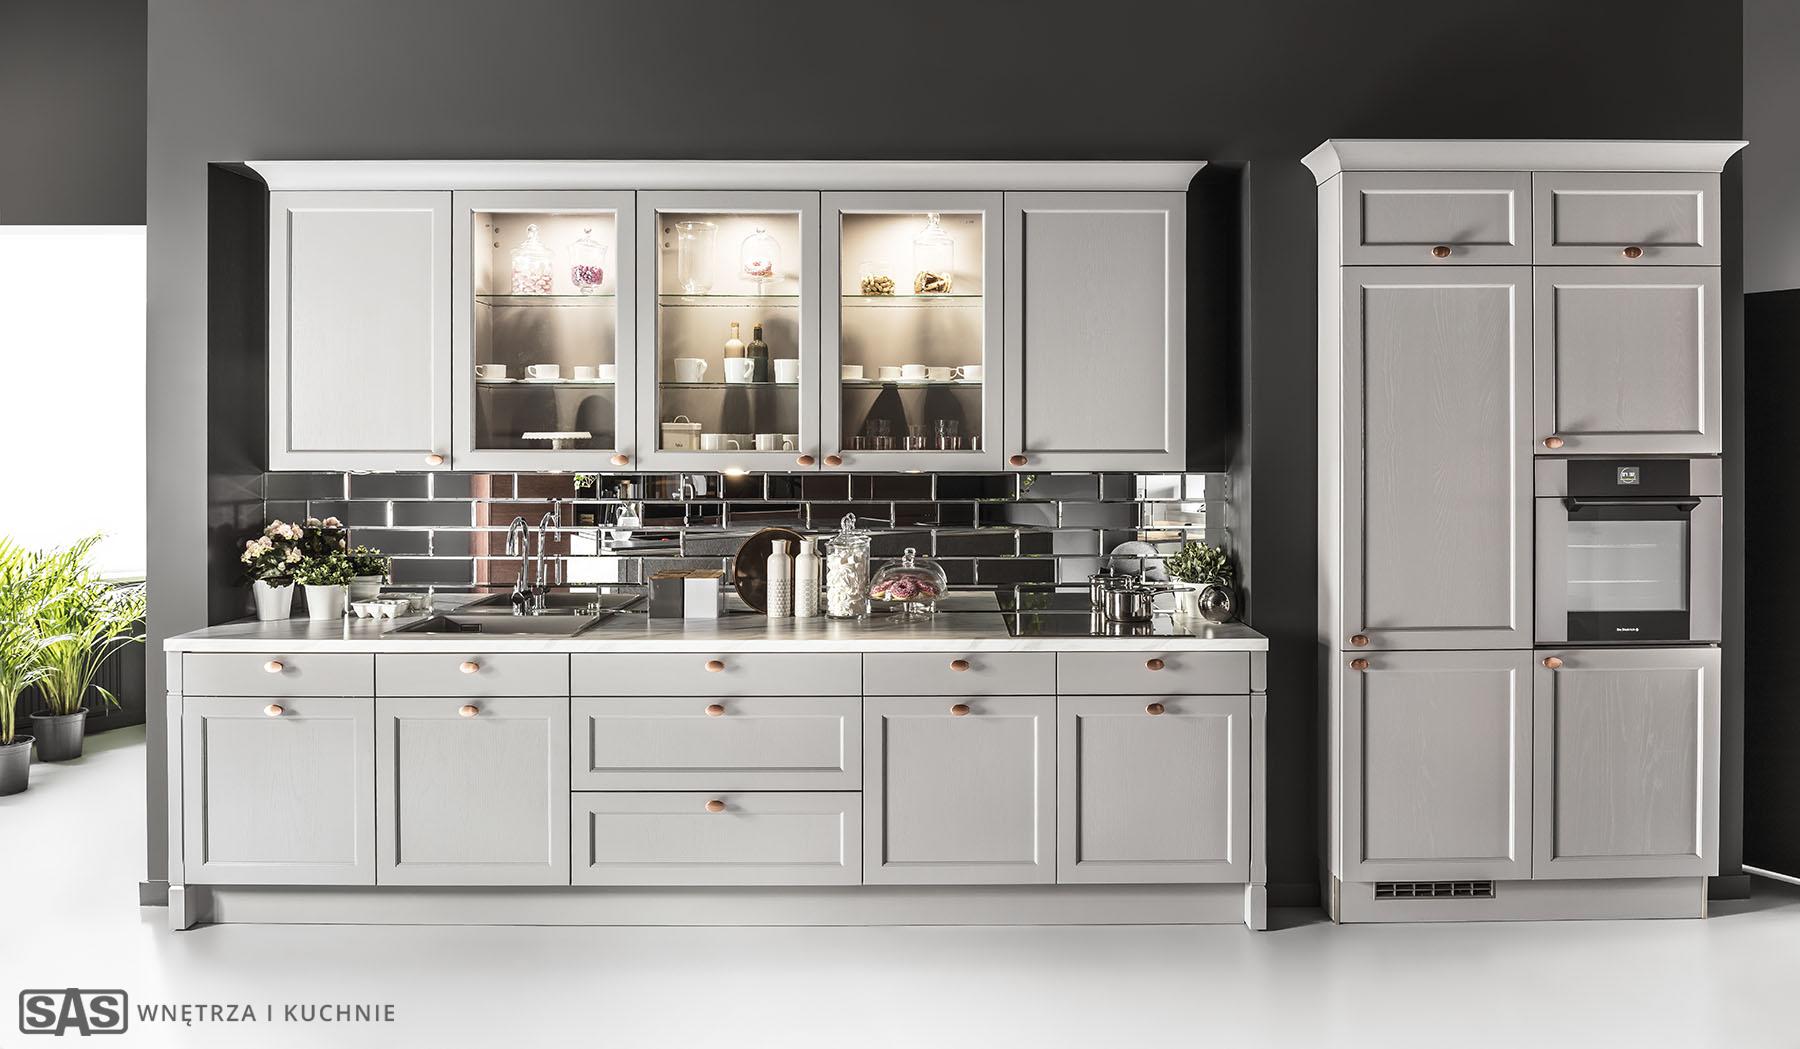 Meble kuchenne na wymiar Bristol - meble kuchenne SAS Wnętrza i Kuchnia, projekt architekt wnętrz Emilia Strzempek Plasun.